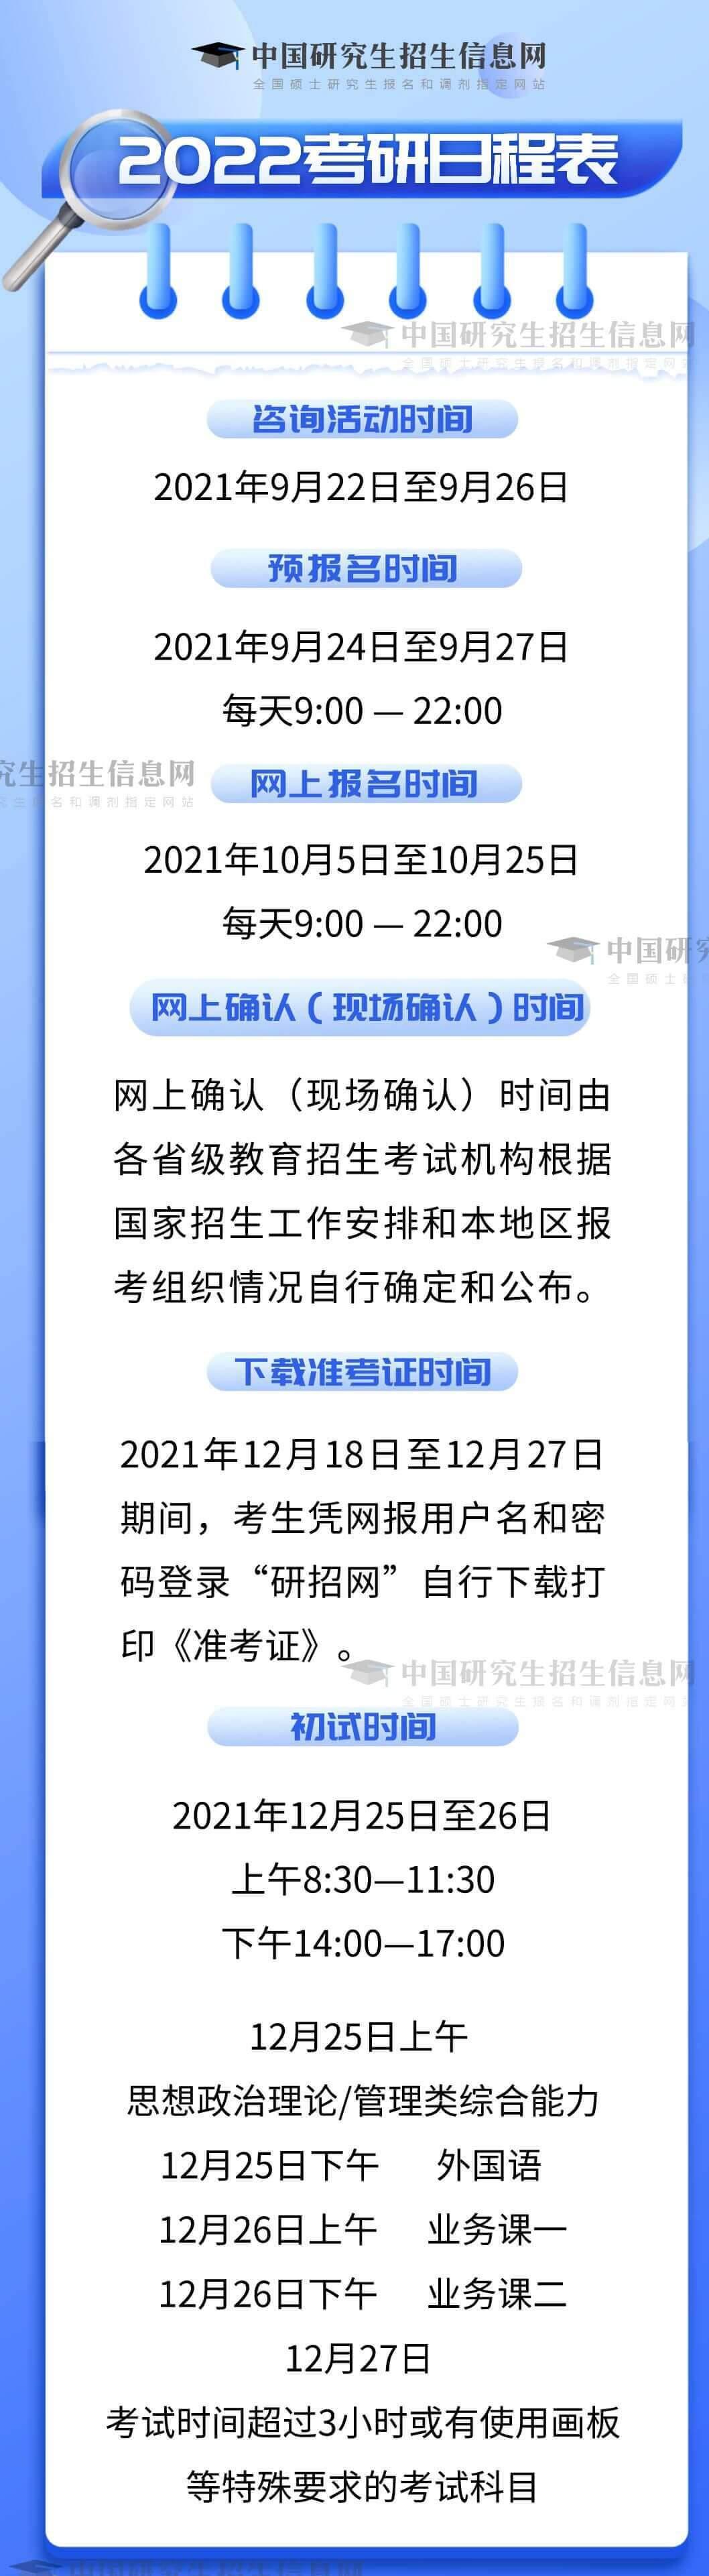 通知:2022非全日研究生时间定了!正式网报时间有变化